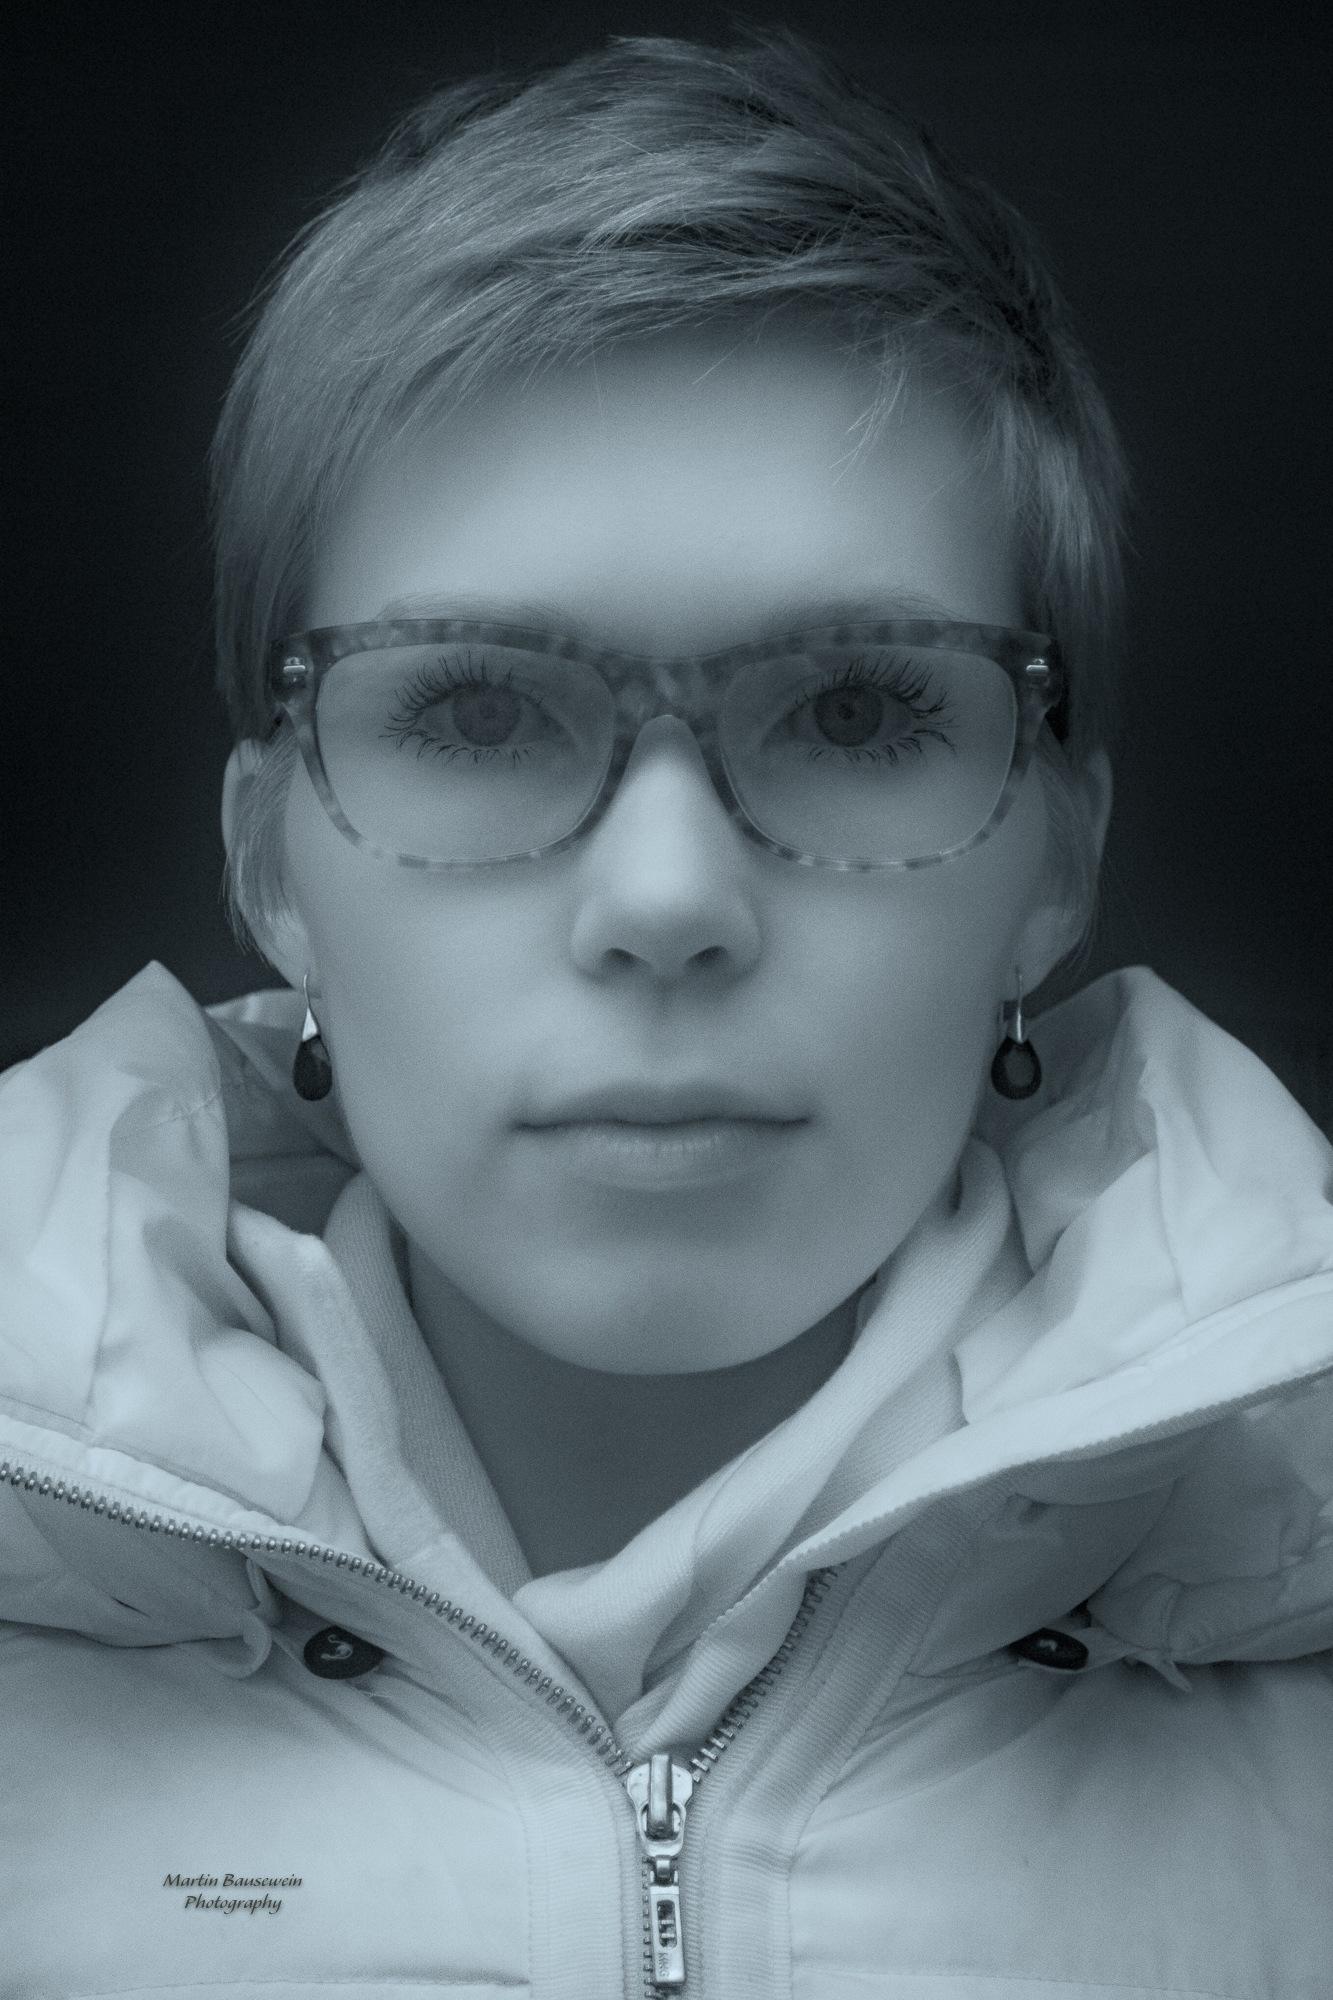 infrared portrait by Martin Bausewein